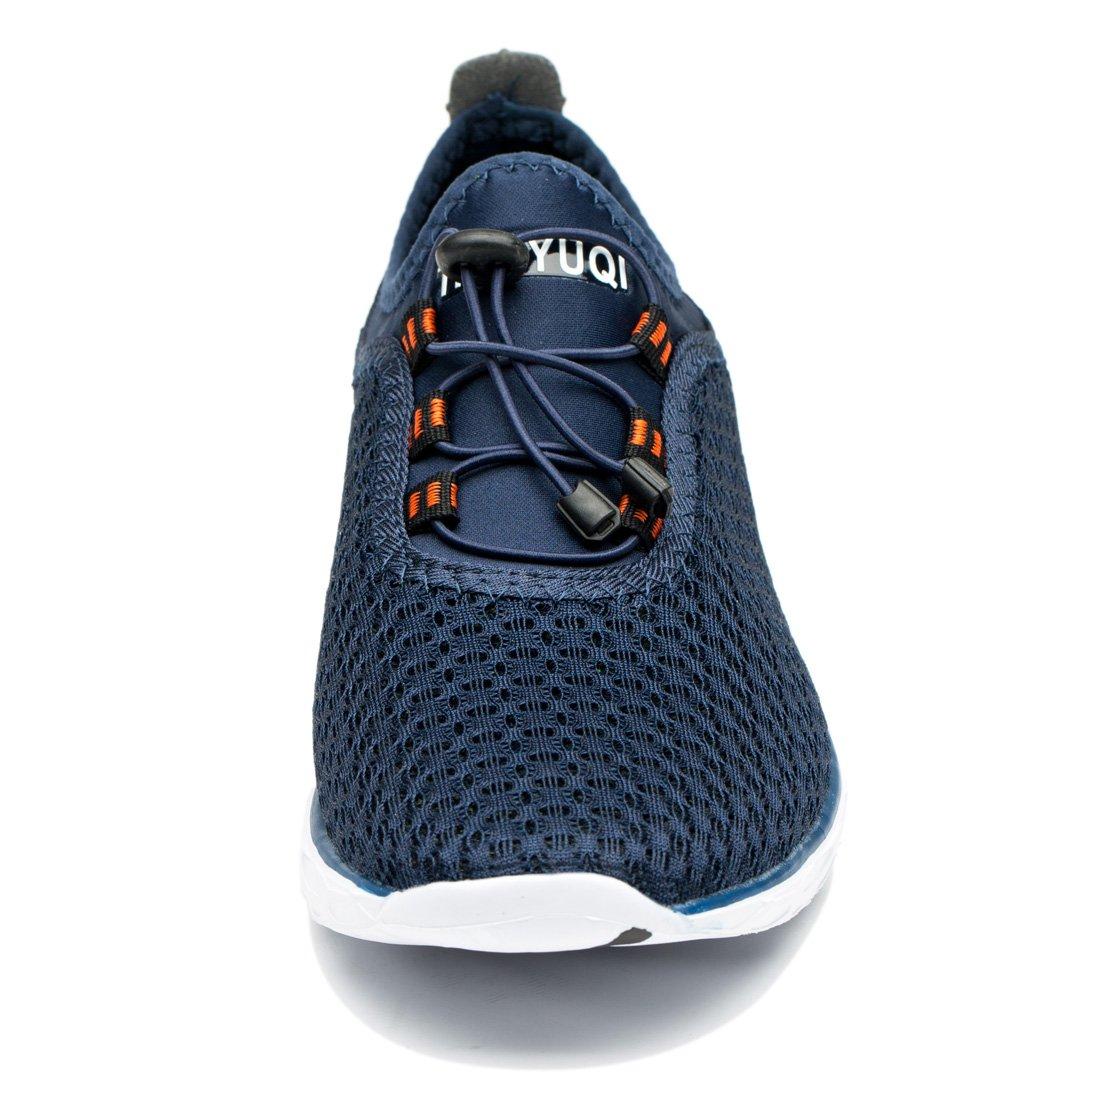 TIANYUQI Men's Mesh Slip On Water Shoes by TIANYUQI (Image #4)